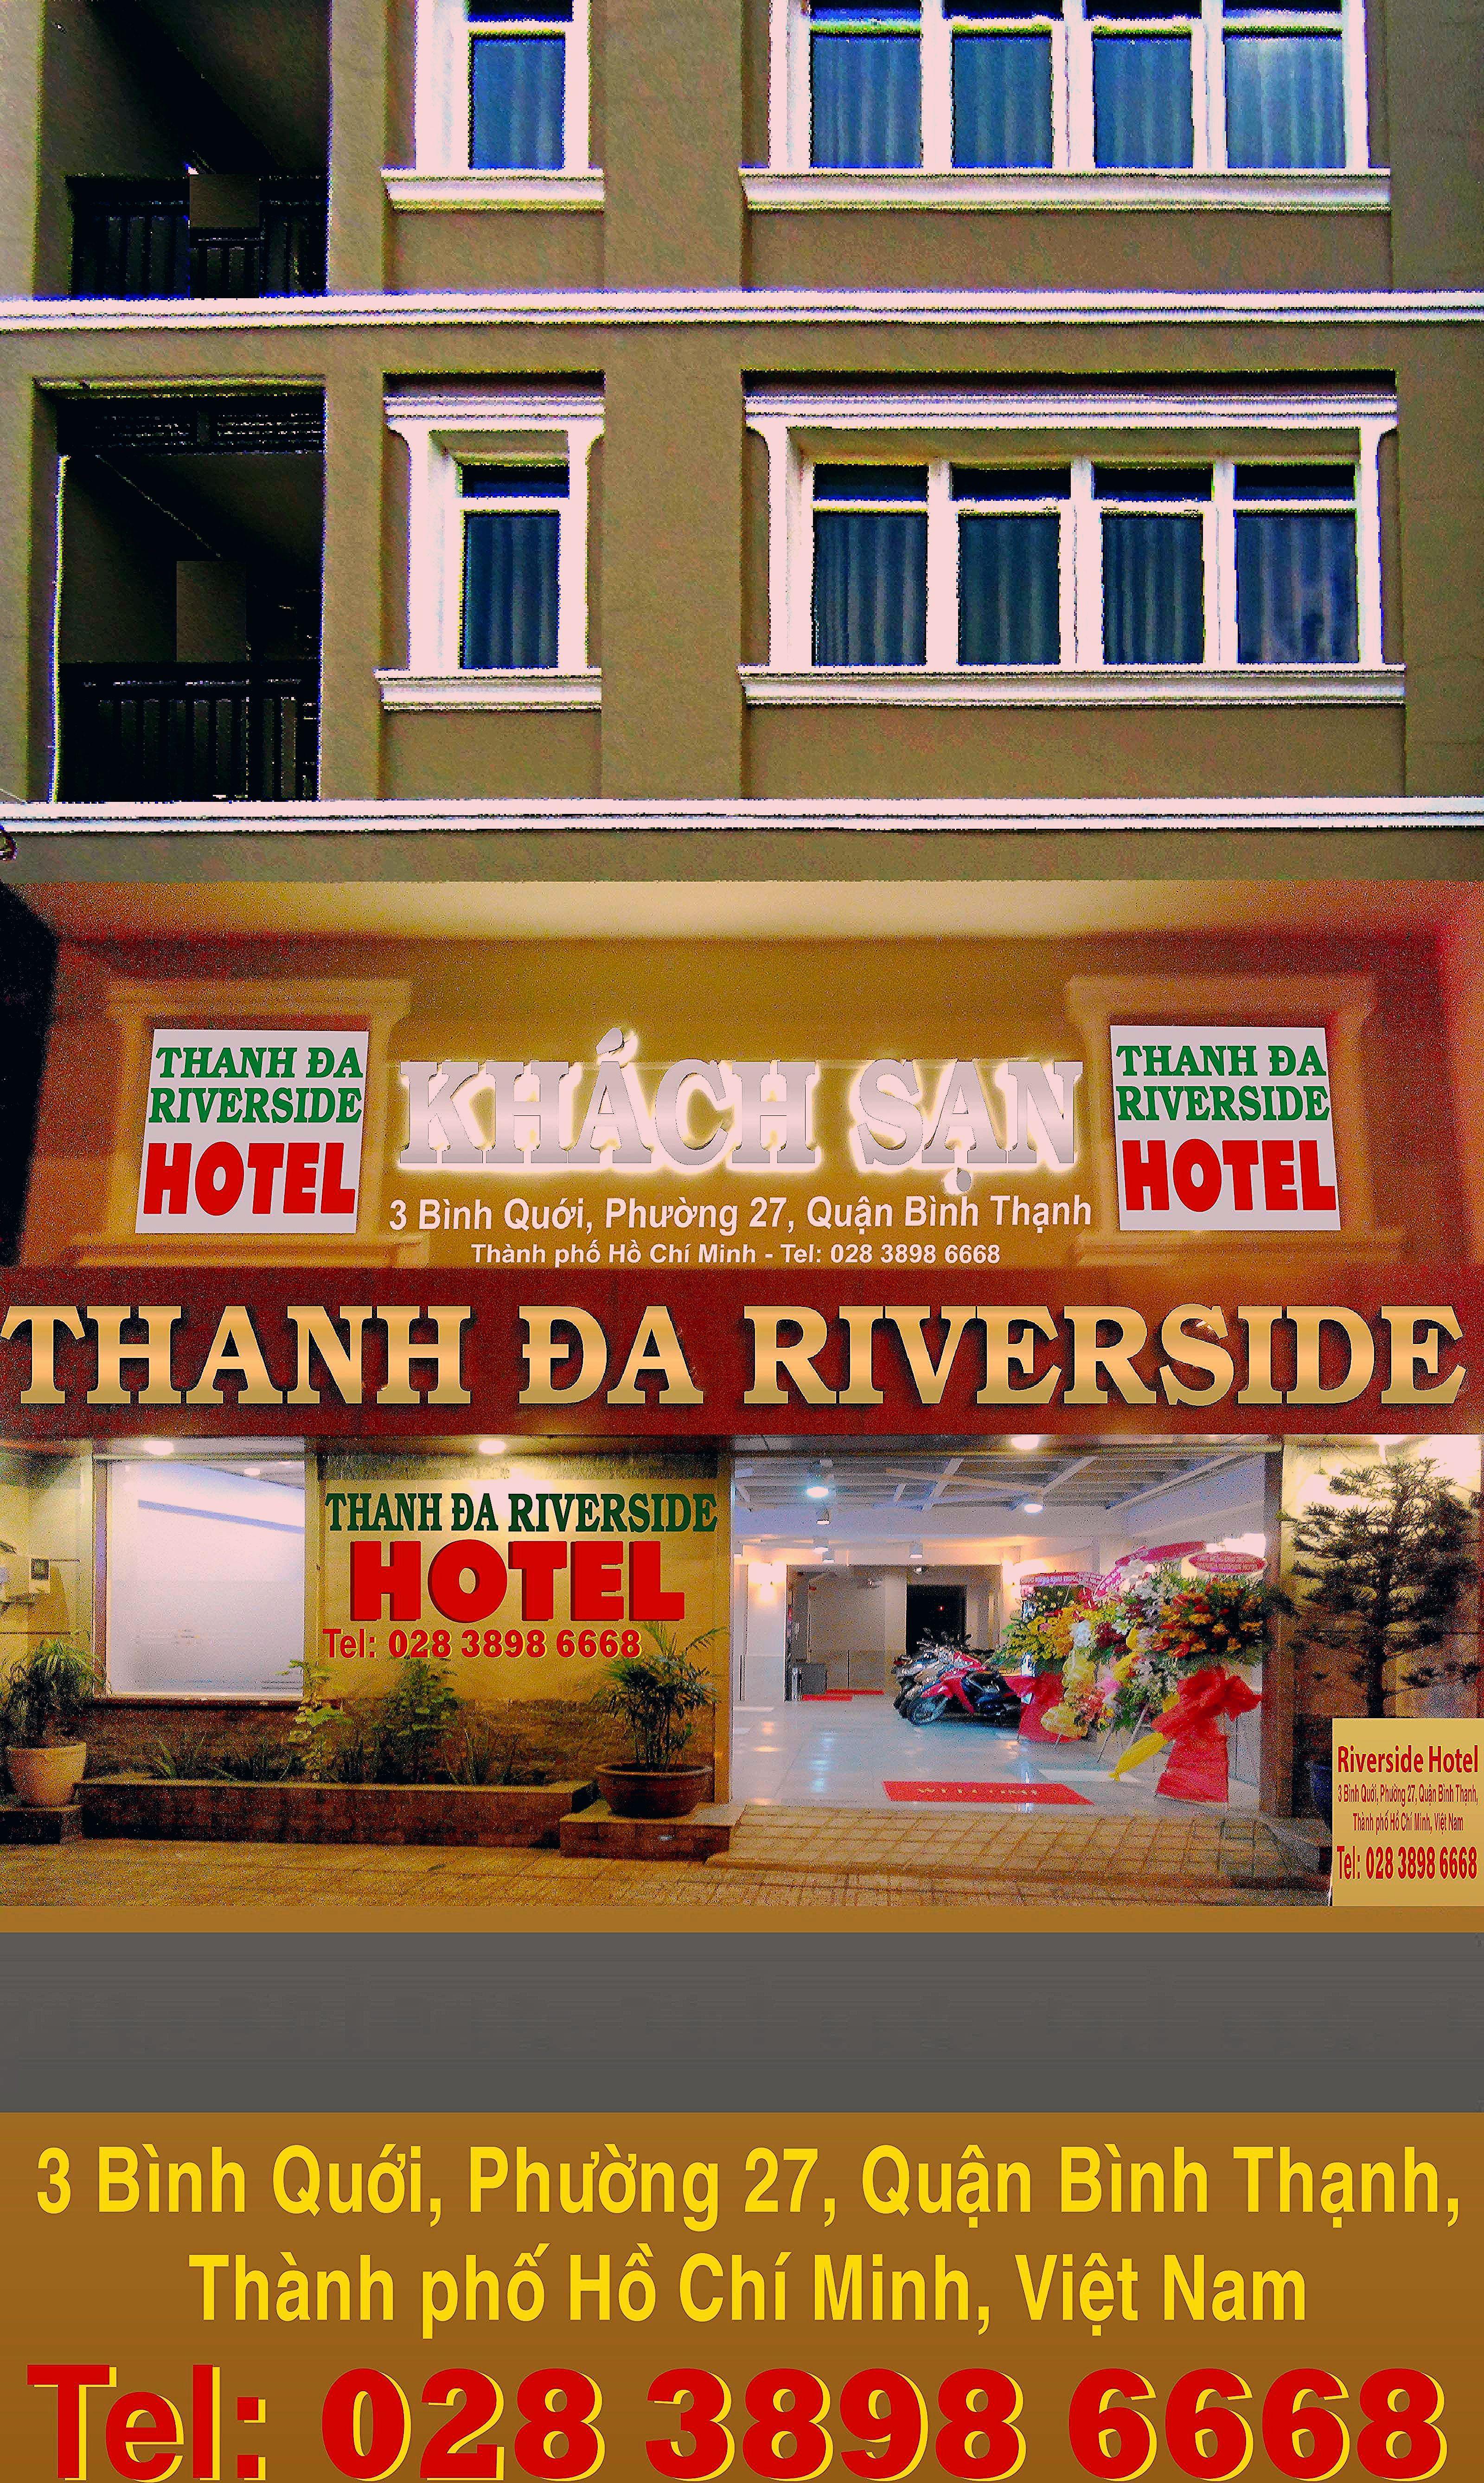 Pin By Carol Bins On Duilich Riverside Hotel Hotel Riverside